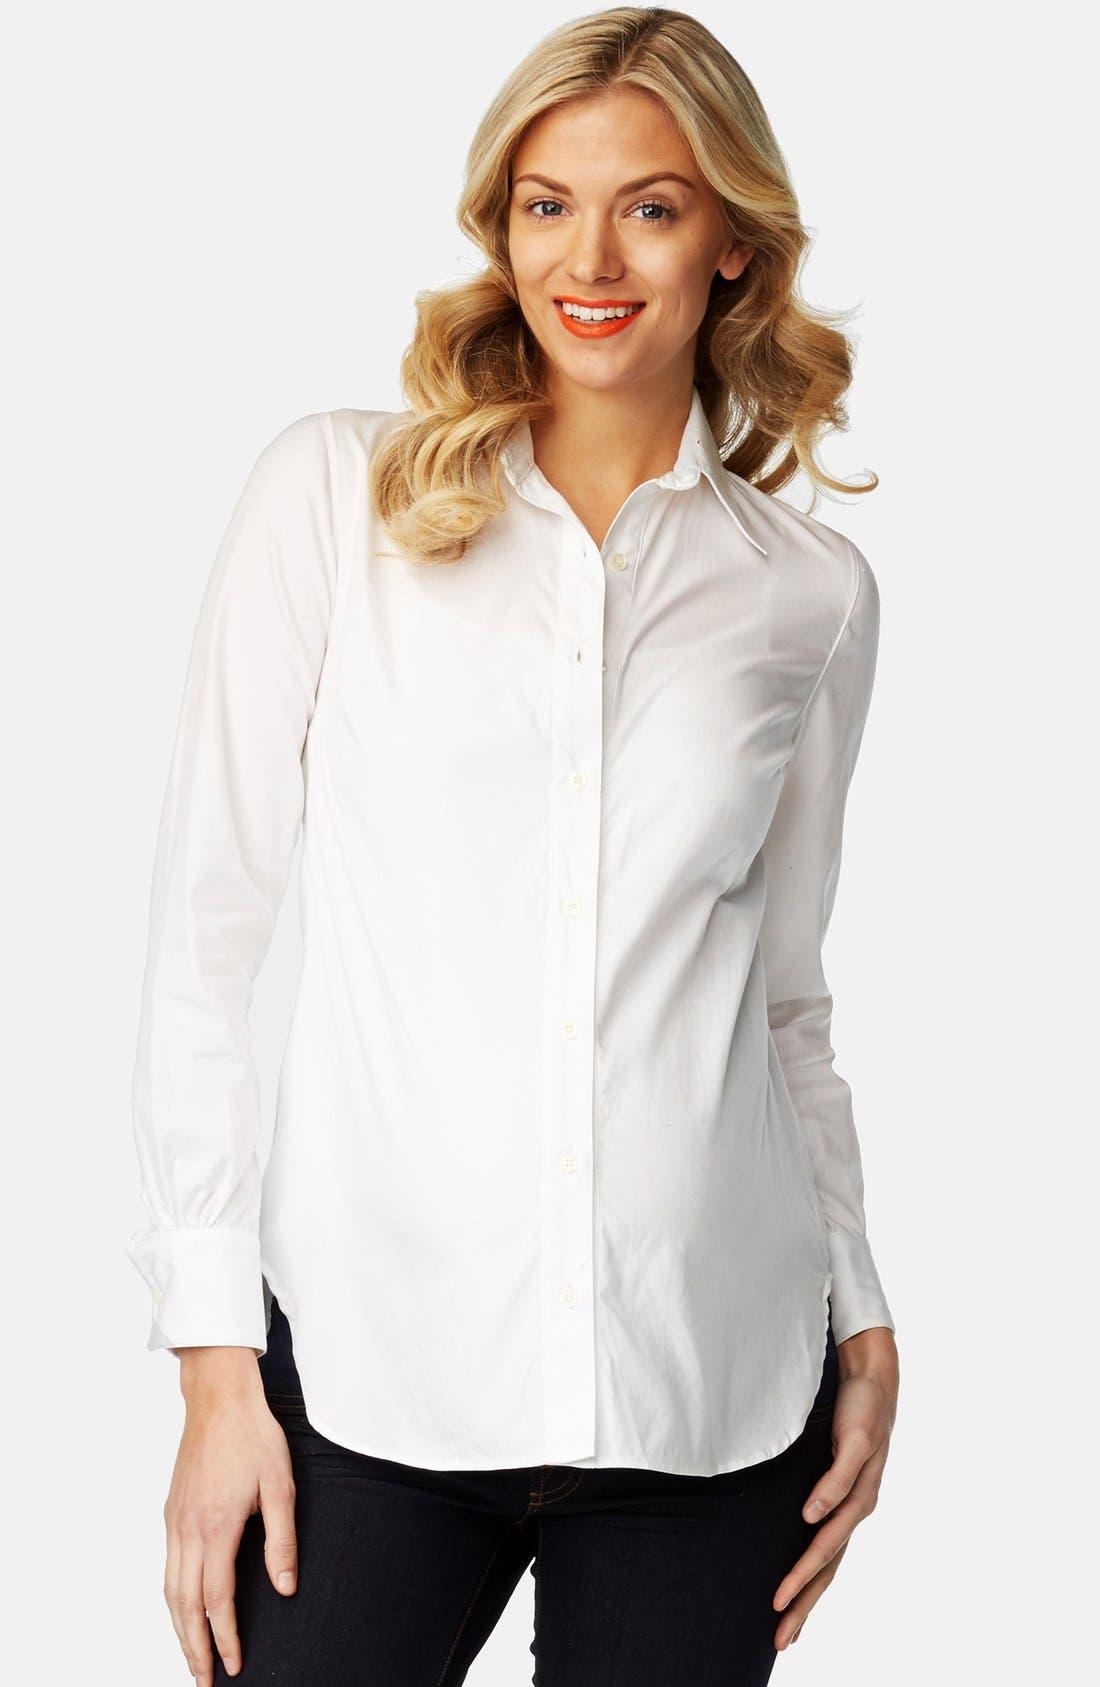 Rosie Pope 'Classic' Maternity Shirt